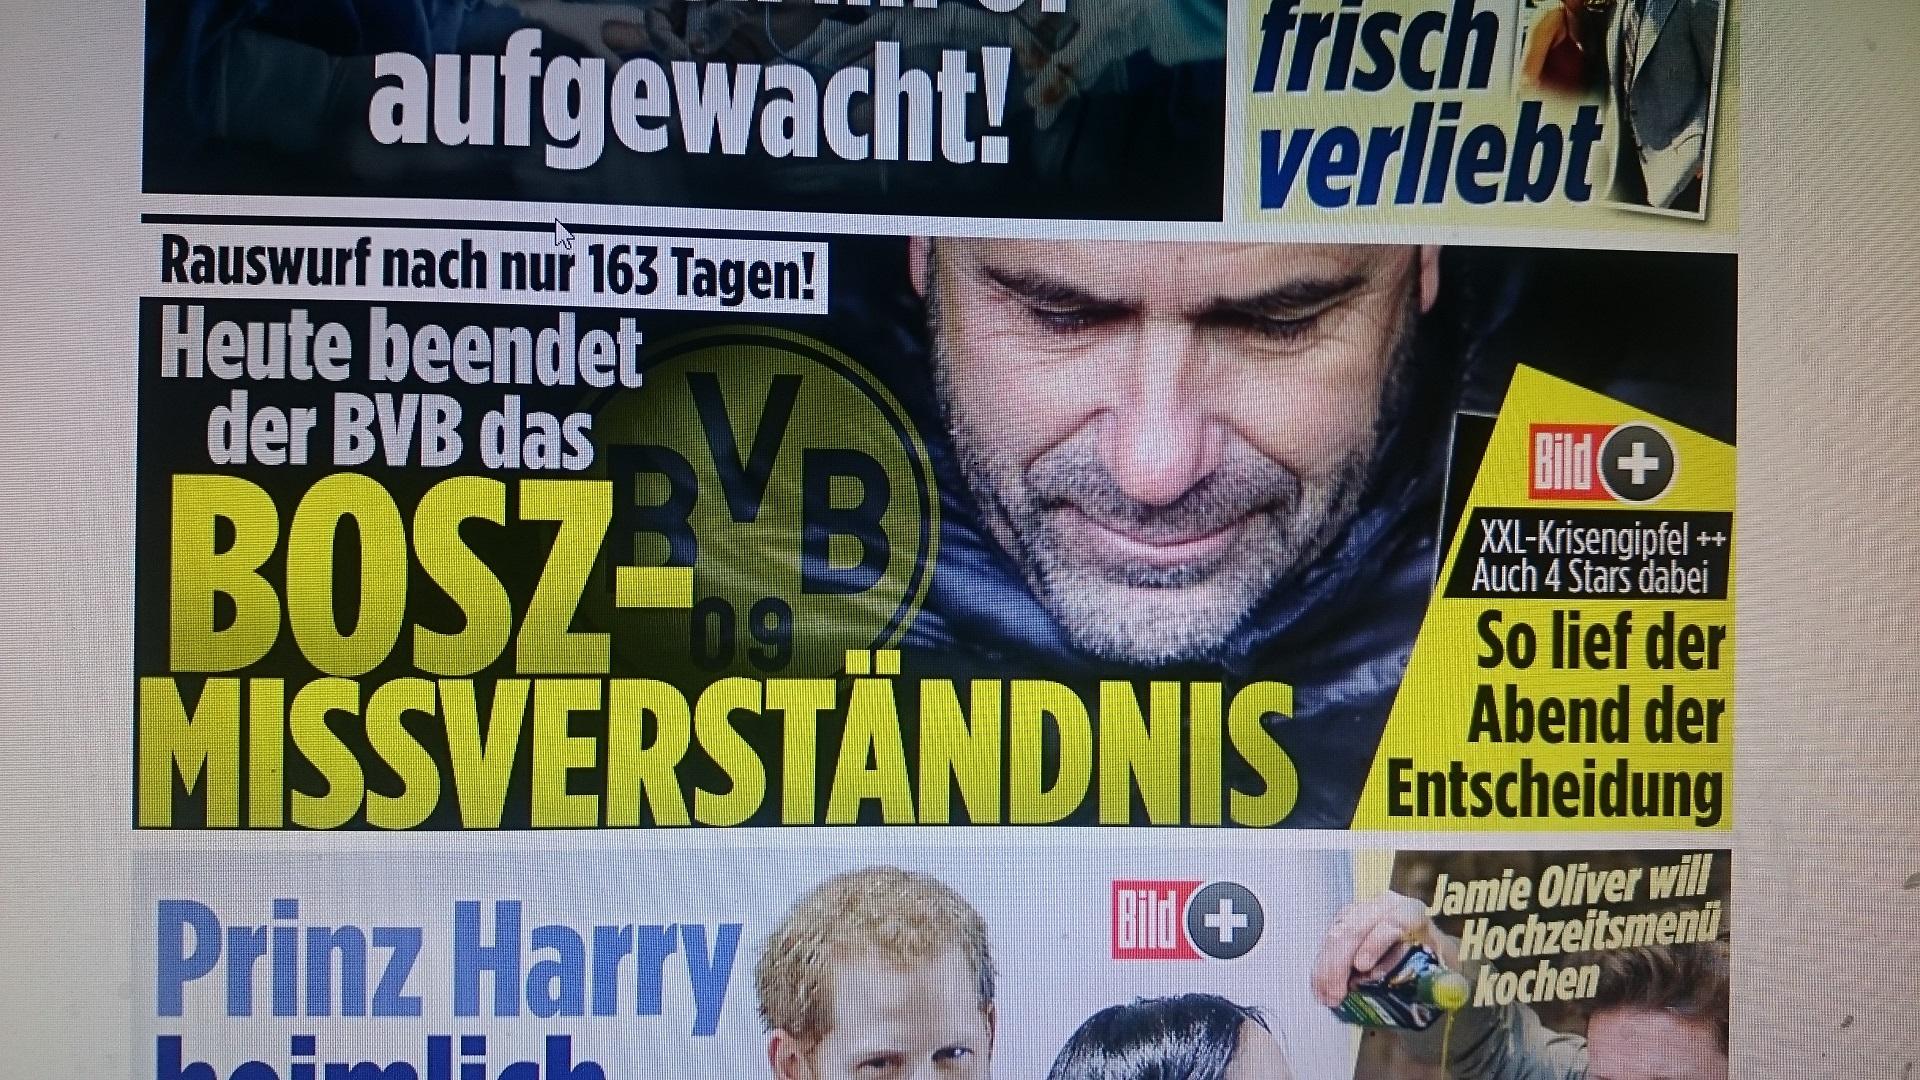 Bundesliga-avontuur Bosz na 163 dagen alweer voorbij